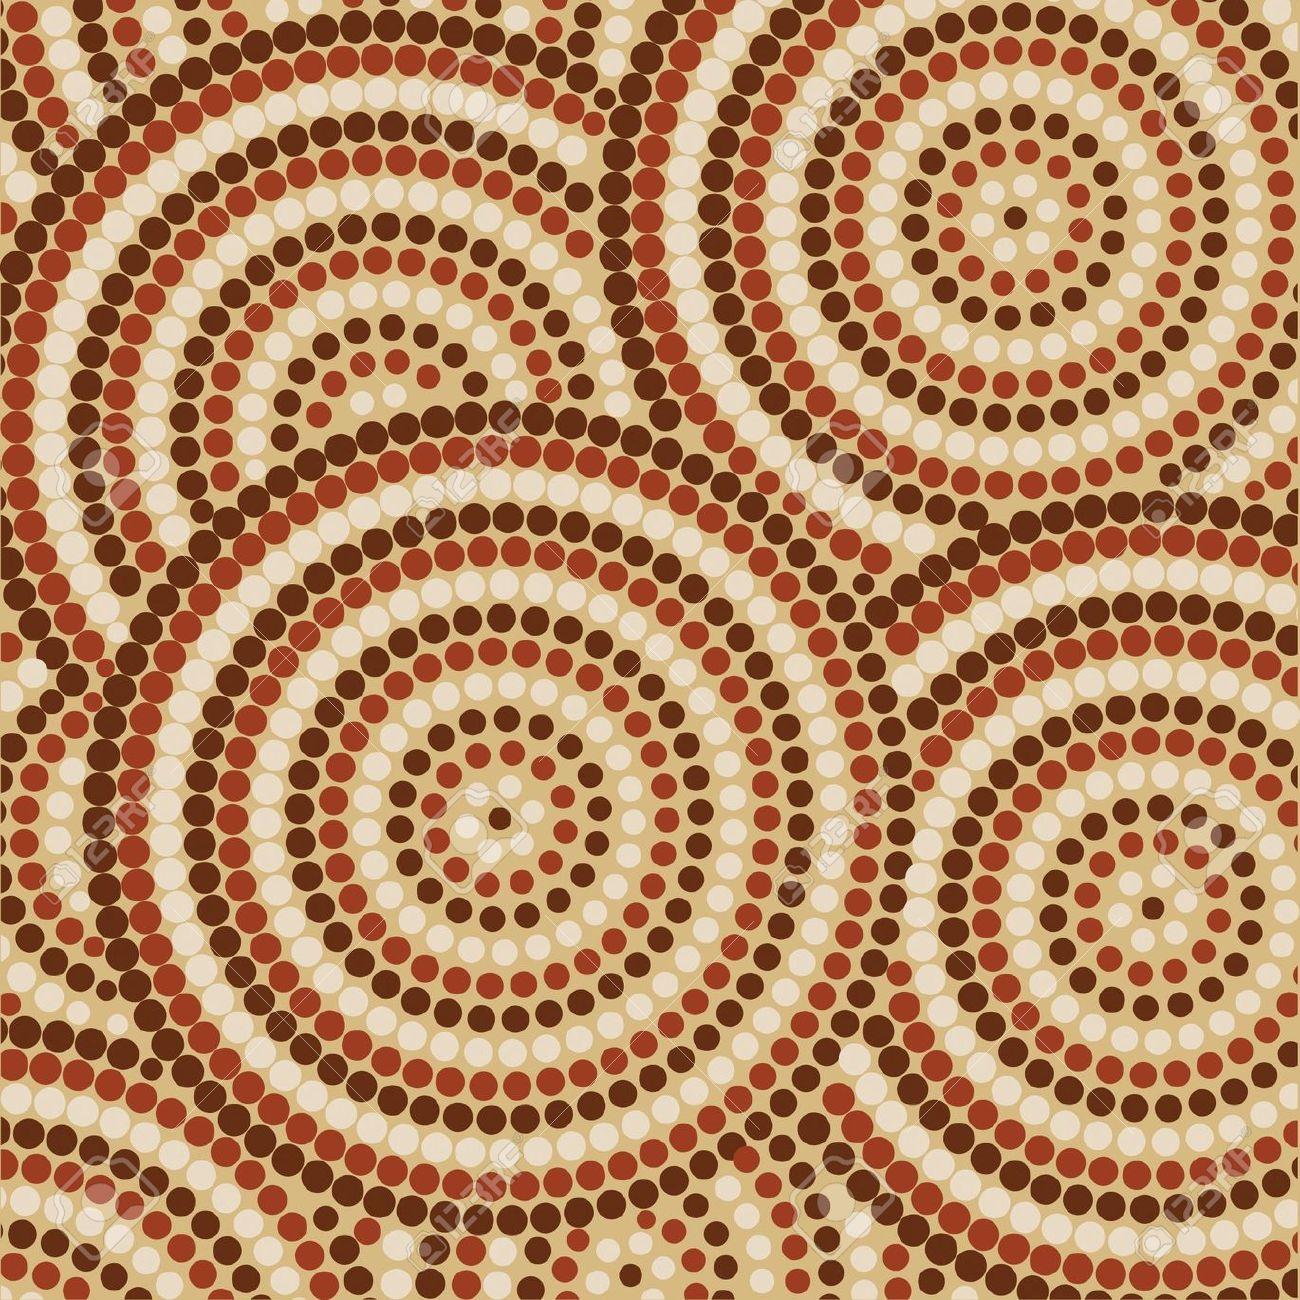 Abstract Aboriginal Dot Painting Royalty Free Cliparts, Vectors.